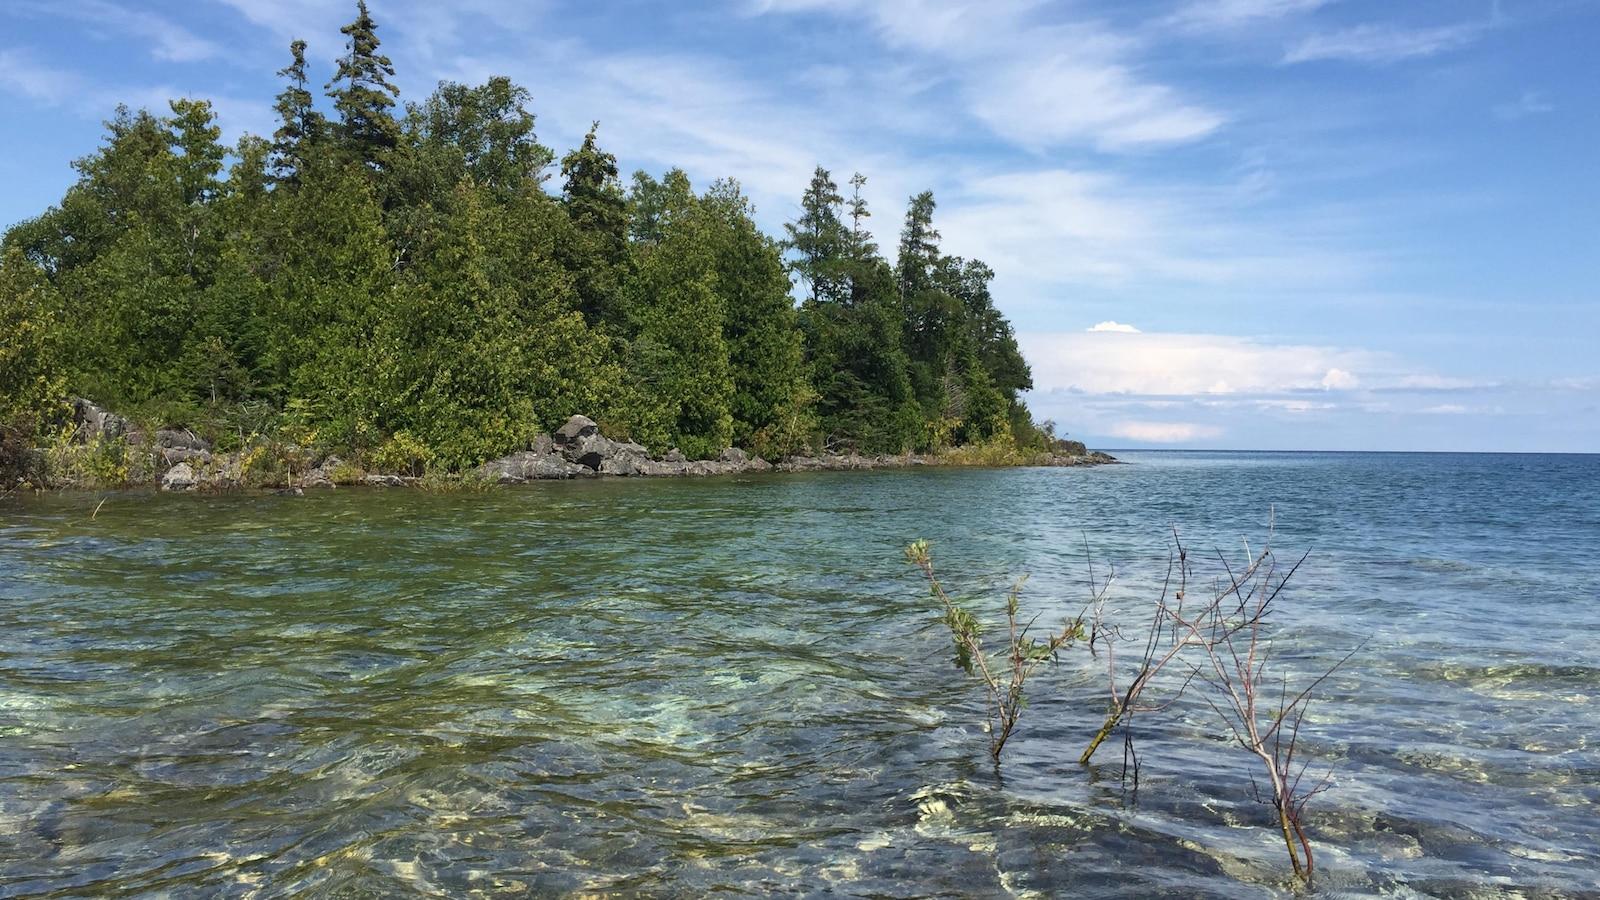 Île dans le lac Huron près de la péninsule de Bruce, dans le Nord de l'Ontario